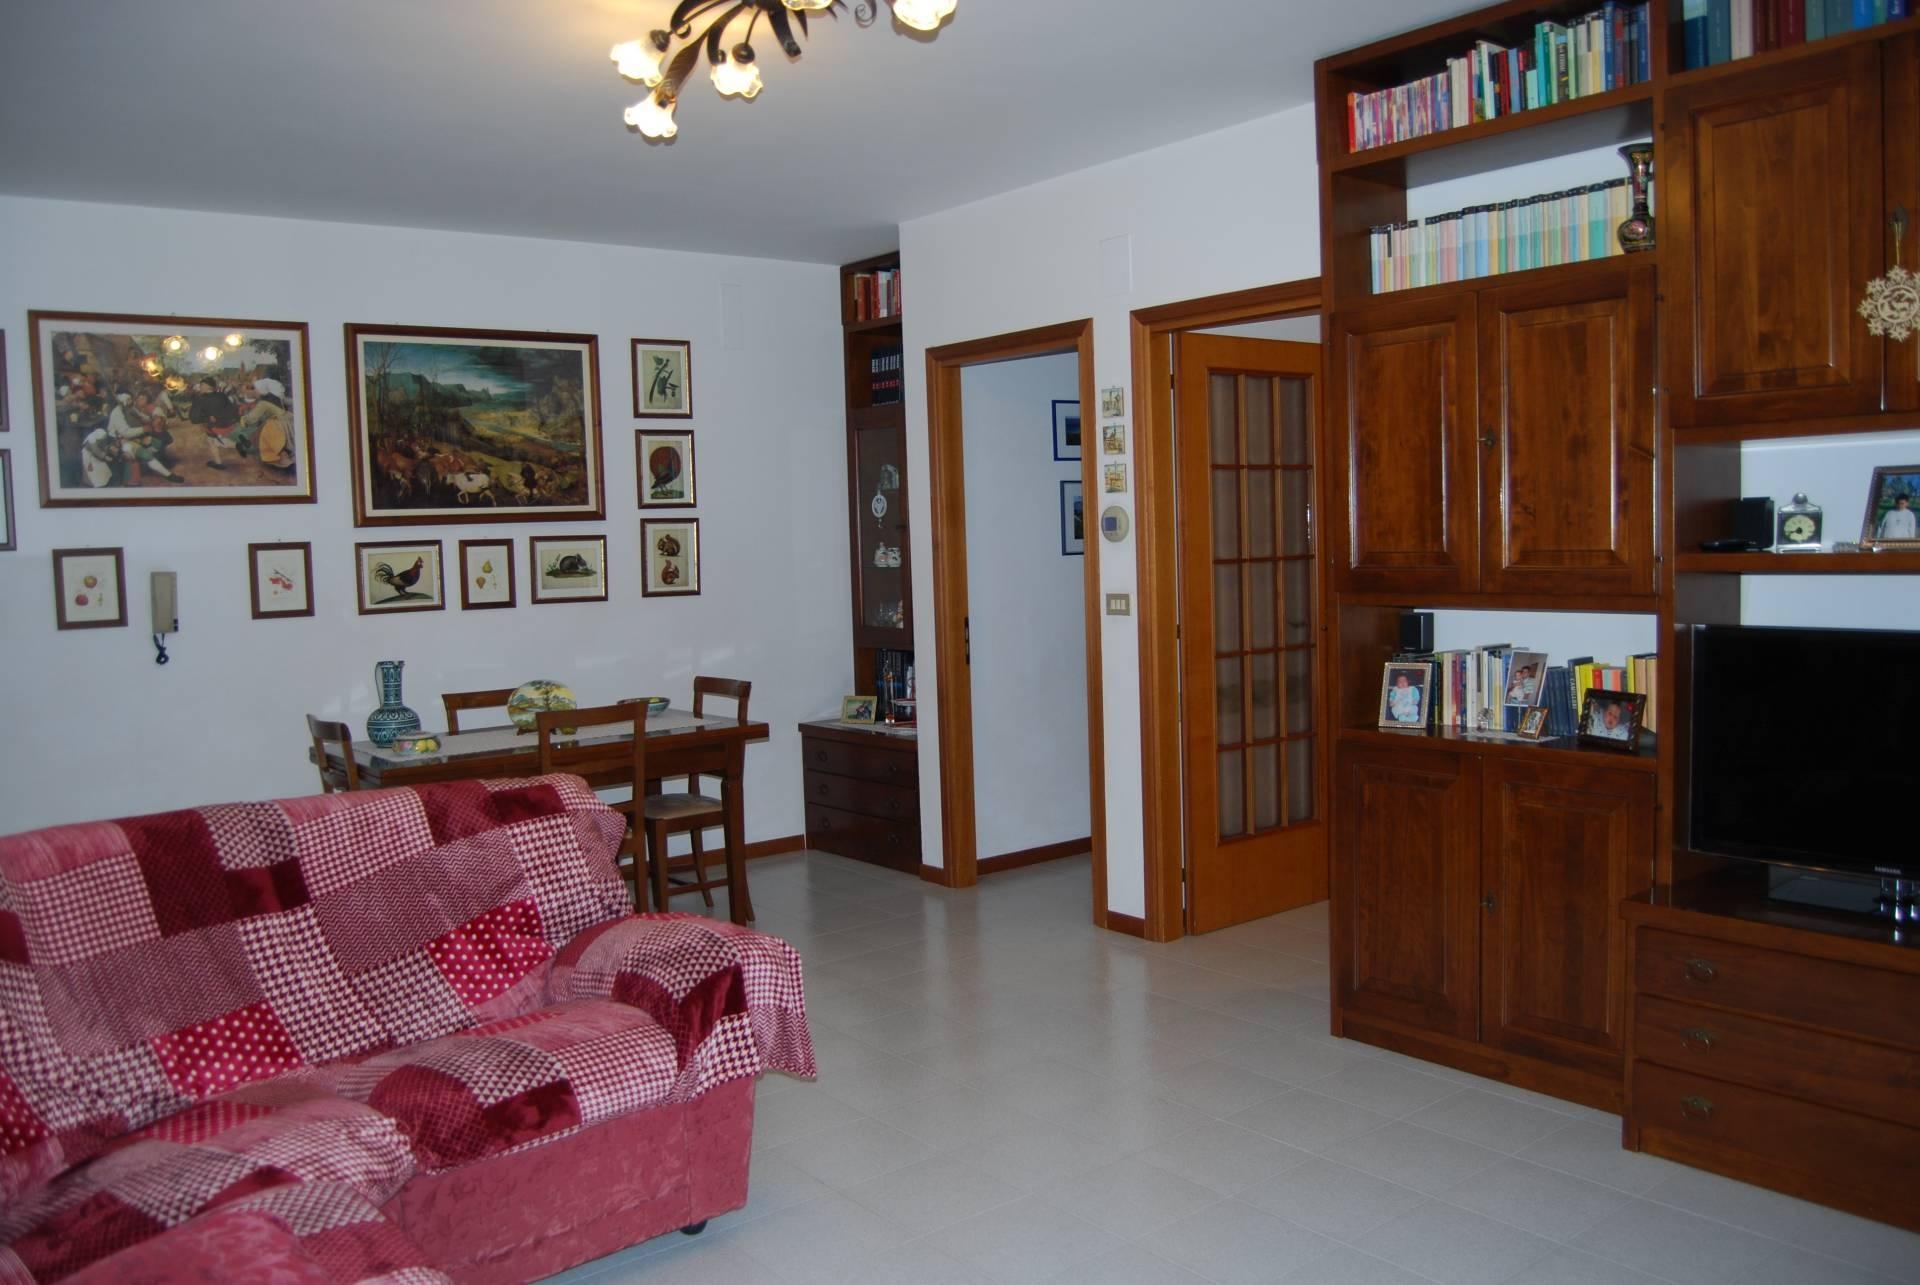 Appartamento in vendita a Folignano, 5 locali, zona Località: VillaPigna, prezzo € 115.000 | CambioCasa.it